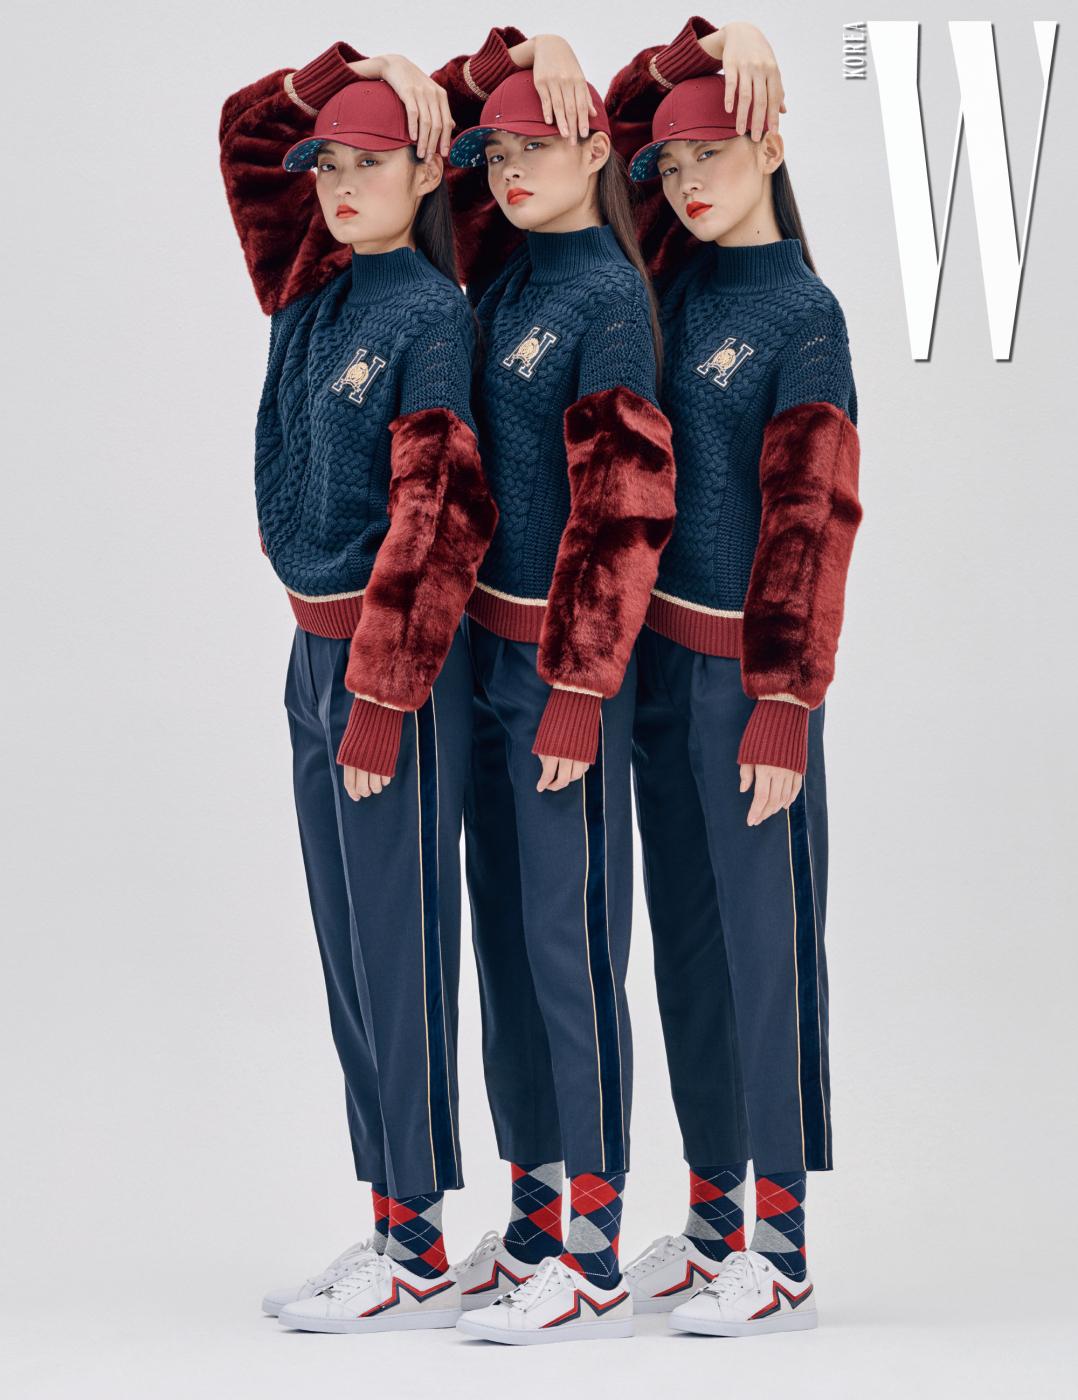 케이블 스웨터, 검정과 골드 줄무늬 팬츠, 스타 아이코닉 스니커즈, 벽돌색 볼캡은 모두 Tommy Hilfiger 제품.